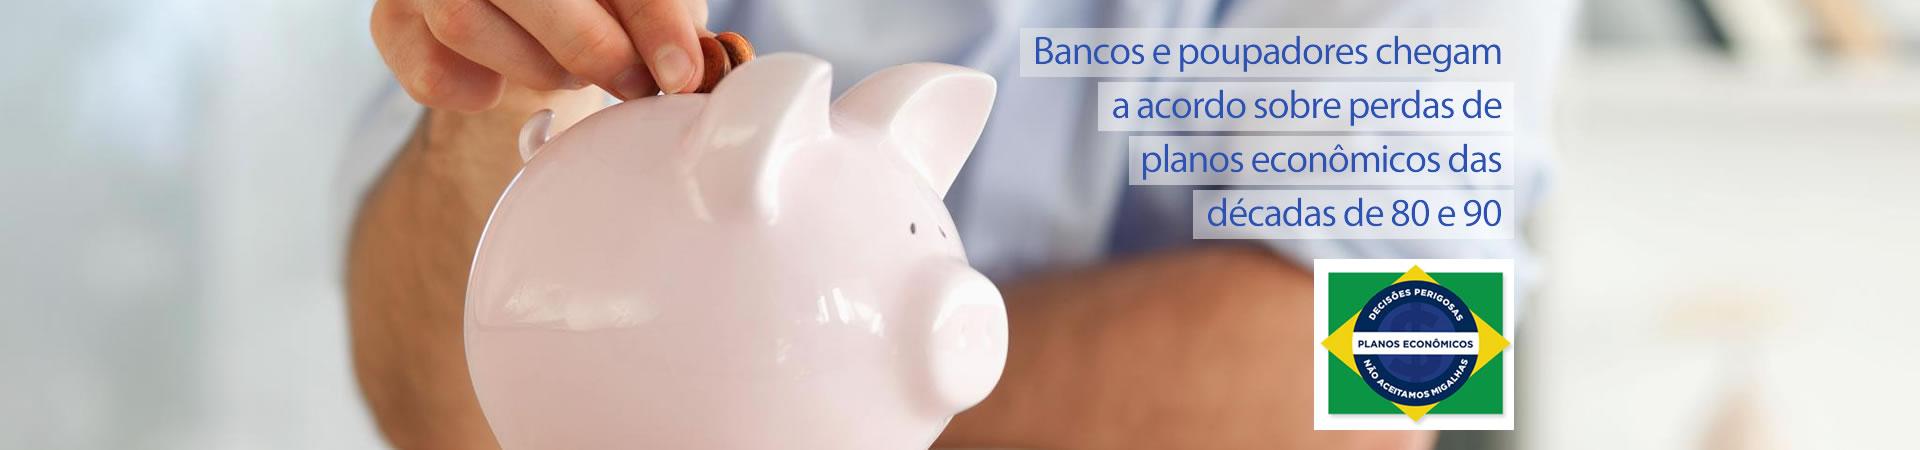 Bancos e poupadores chegam a acordo sobre perdas de planos econômicos das décadas de 80 e 90